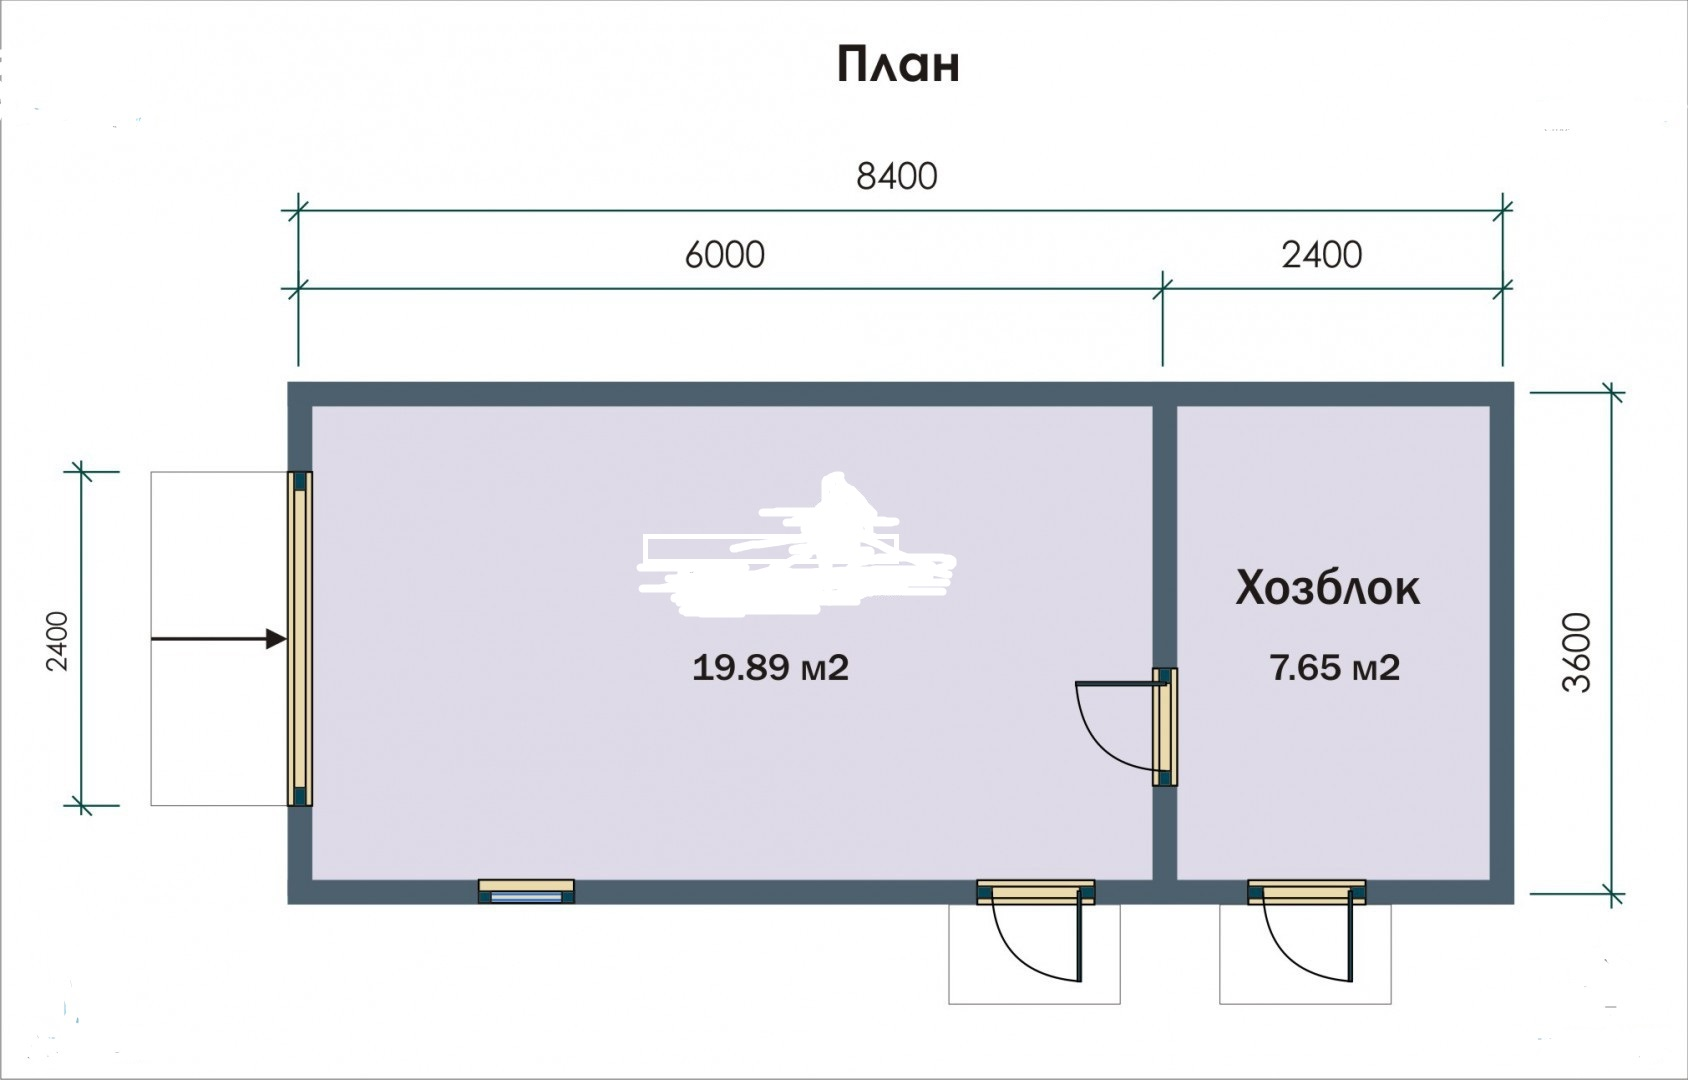 Dimensioni Porta Ingresso Casa dimensioni del garage: parametri standard per un box auto